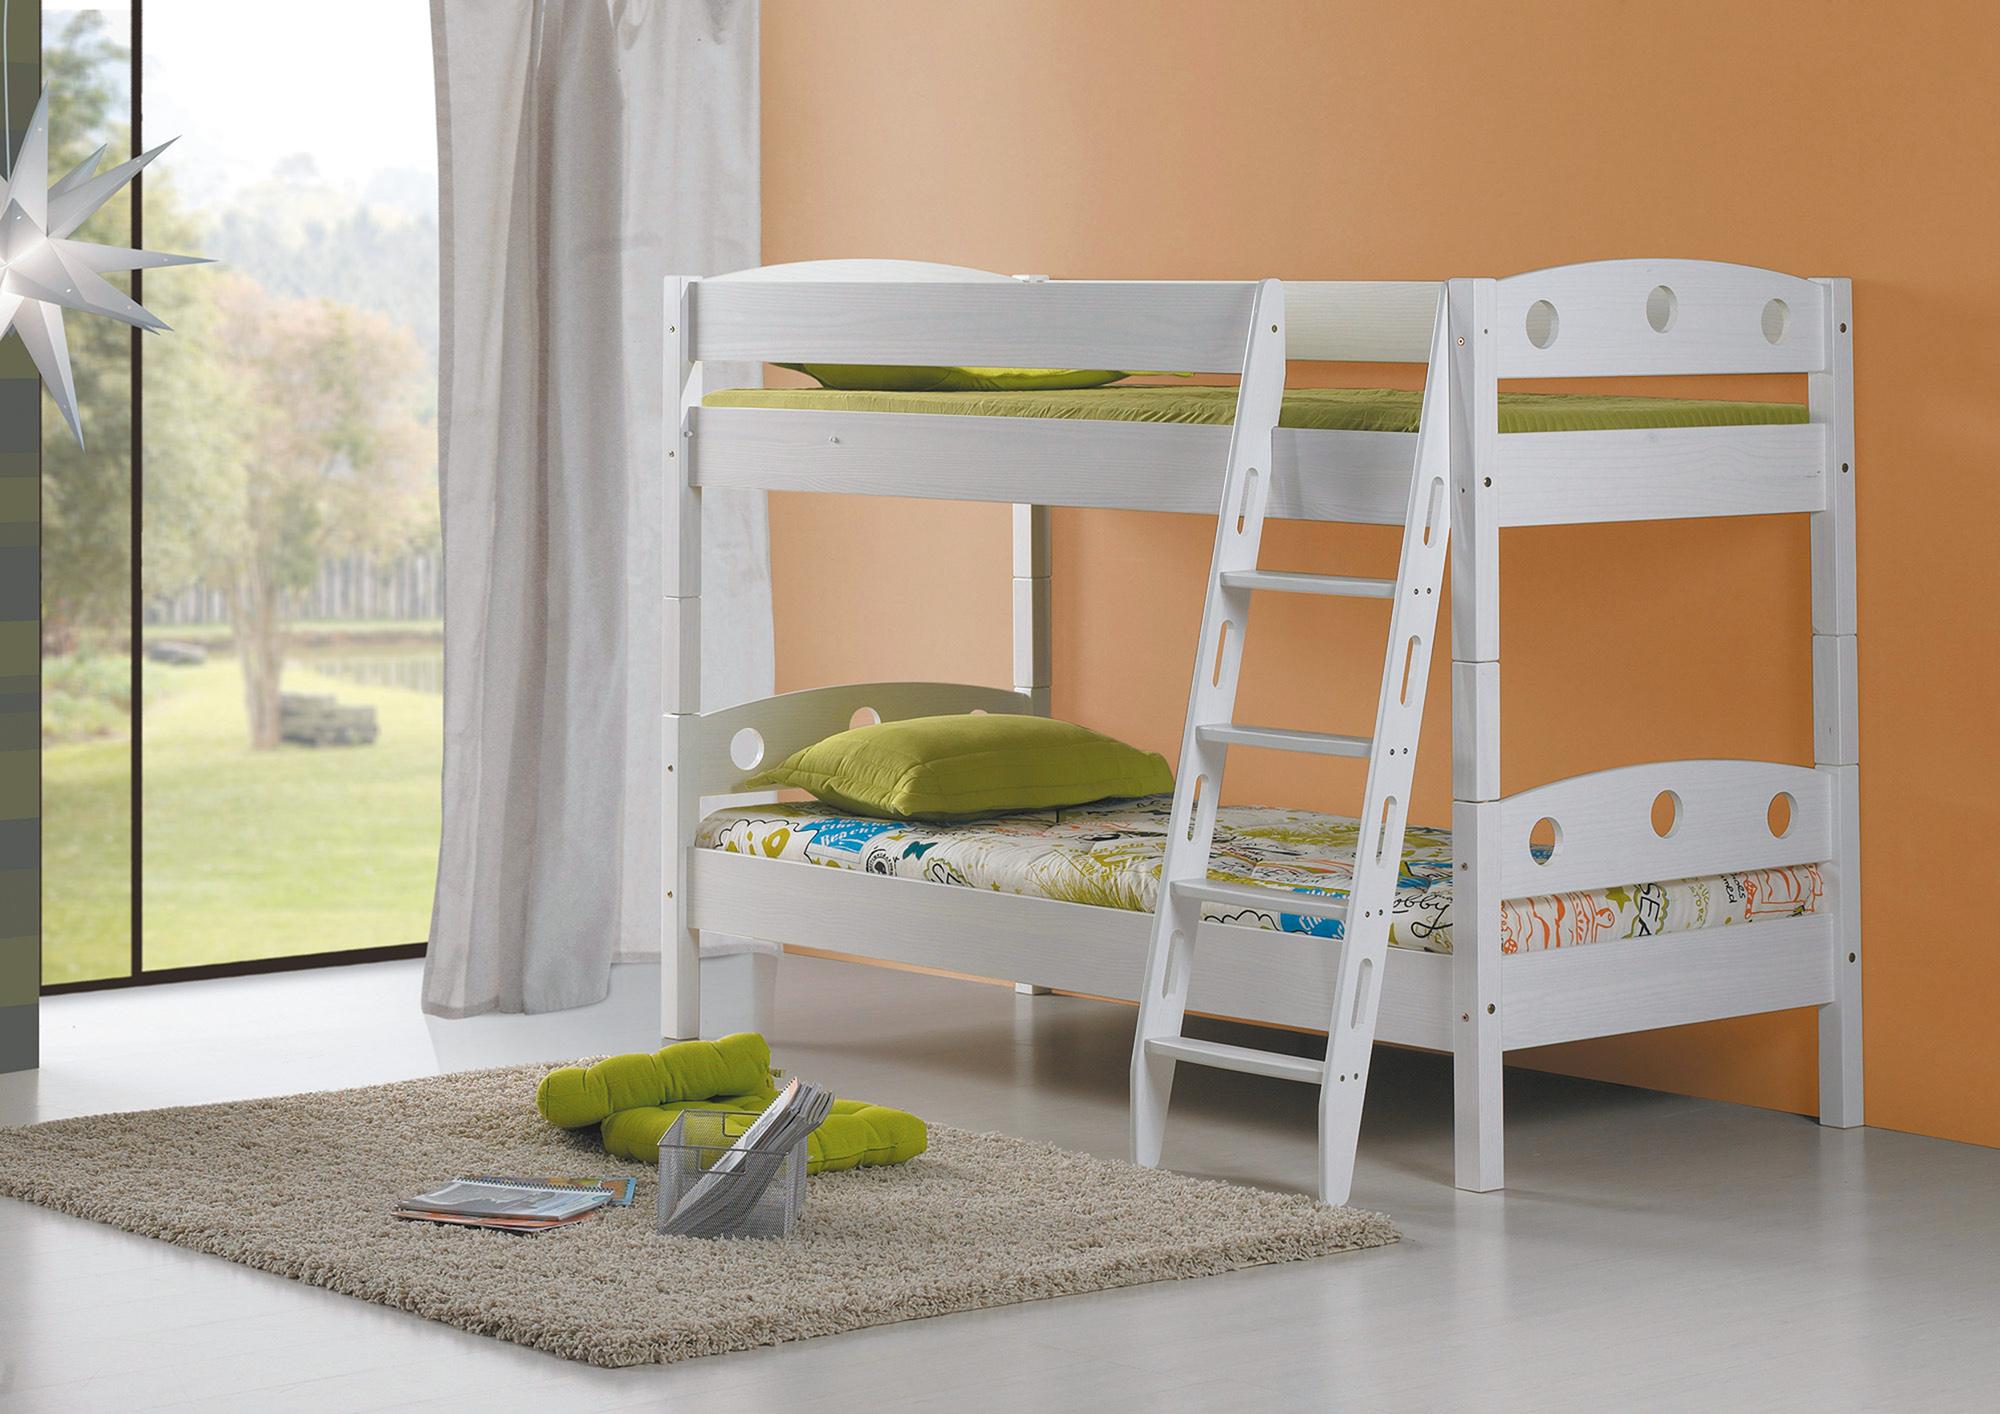 Etagenbett Doppelbett : Sleep design massives kiefern etagenbett oscar einzel und